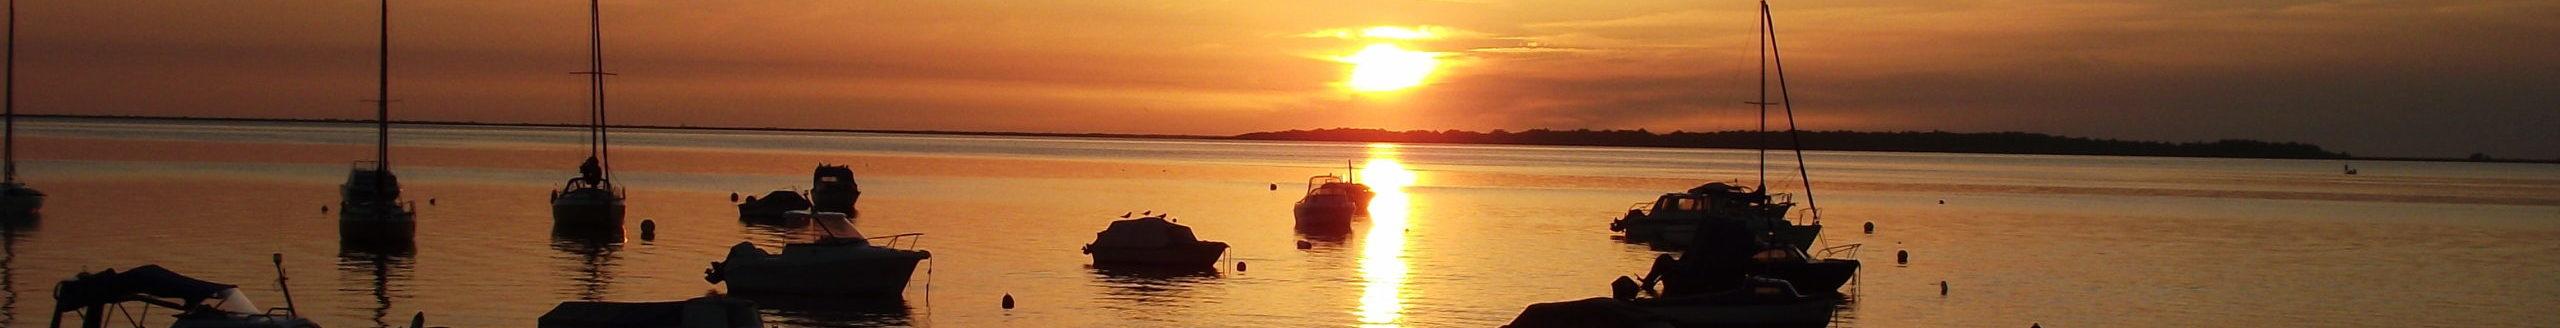 Mein Ostsee Urlaub NET